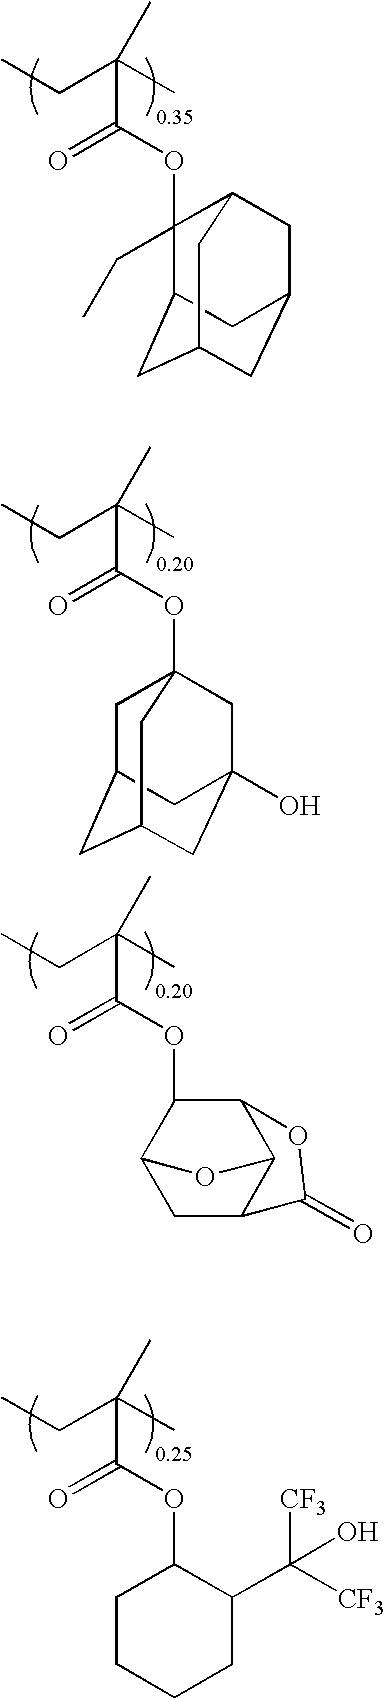 Figure US07368218-20080506-C00061